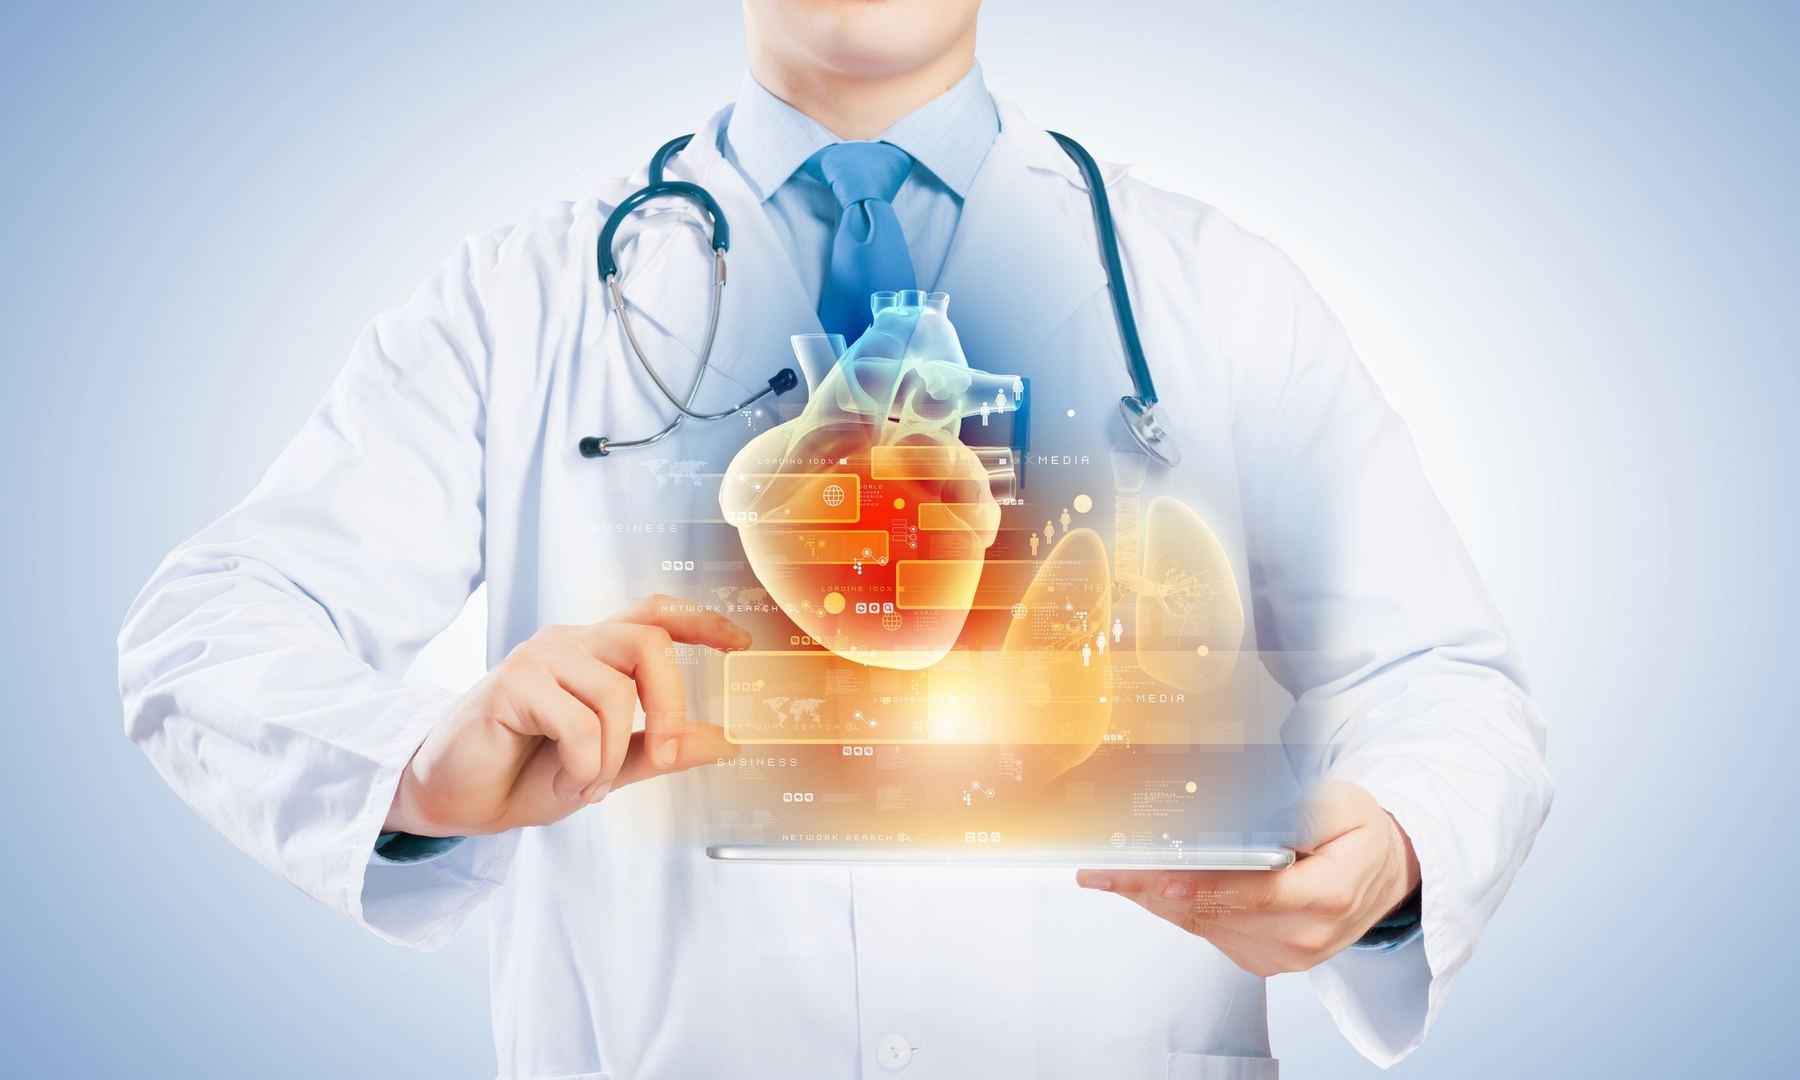 Padidėjęs kraujo spaudimas – ką kiekvienam svarbu žinoti? - DELFI Sveikata